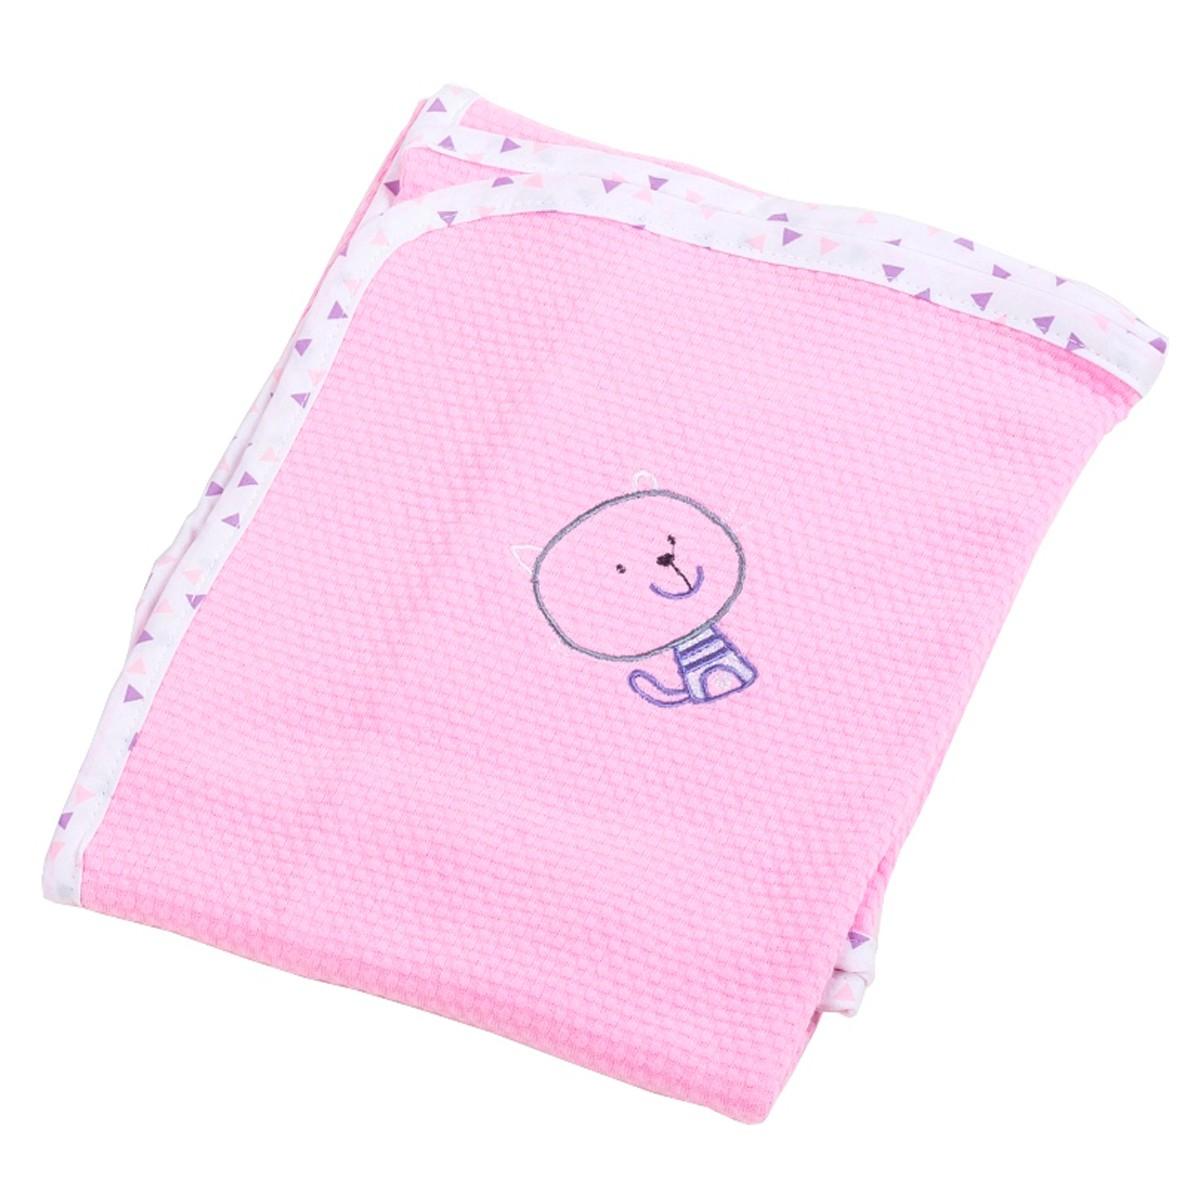 Κουβέρτα Πικέ Αγκαλιάς Κόσμος Του Μωρού Home 0315 Ροζ